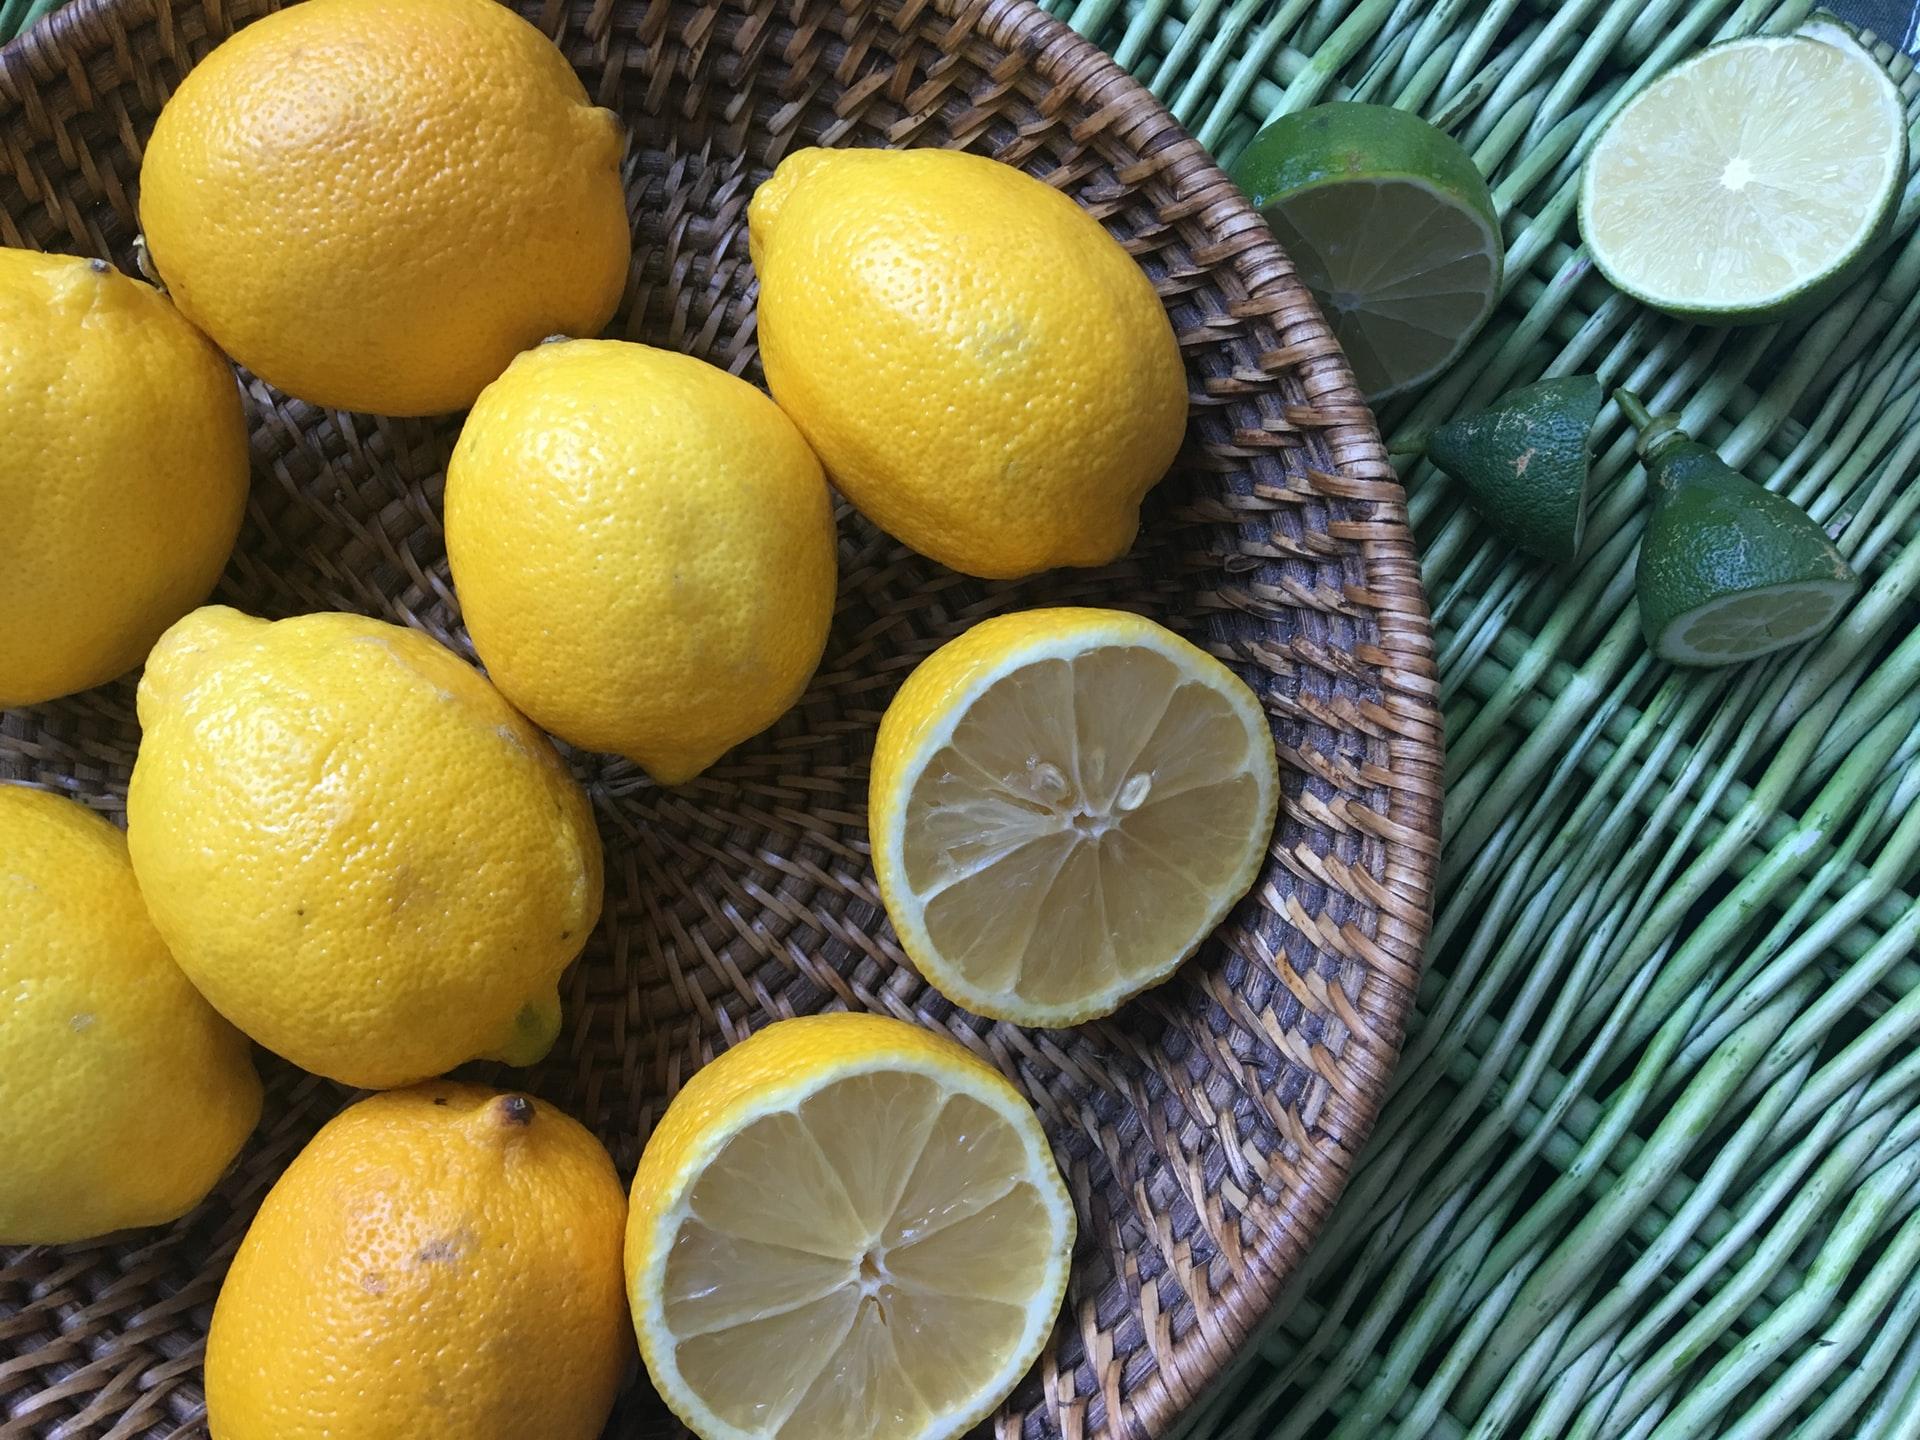 citróny, uhorka